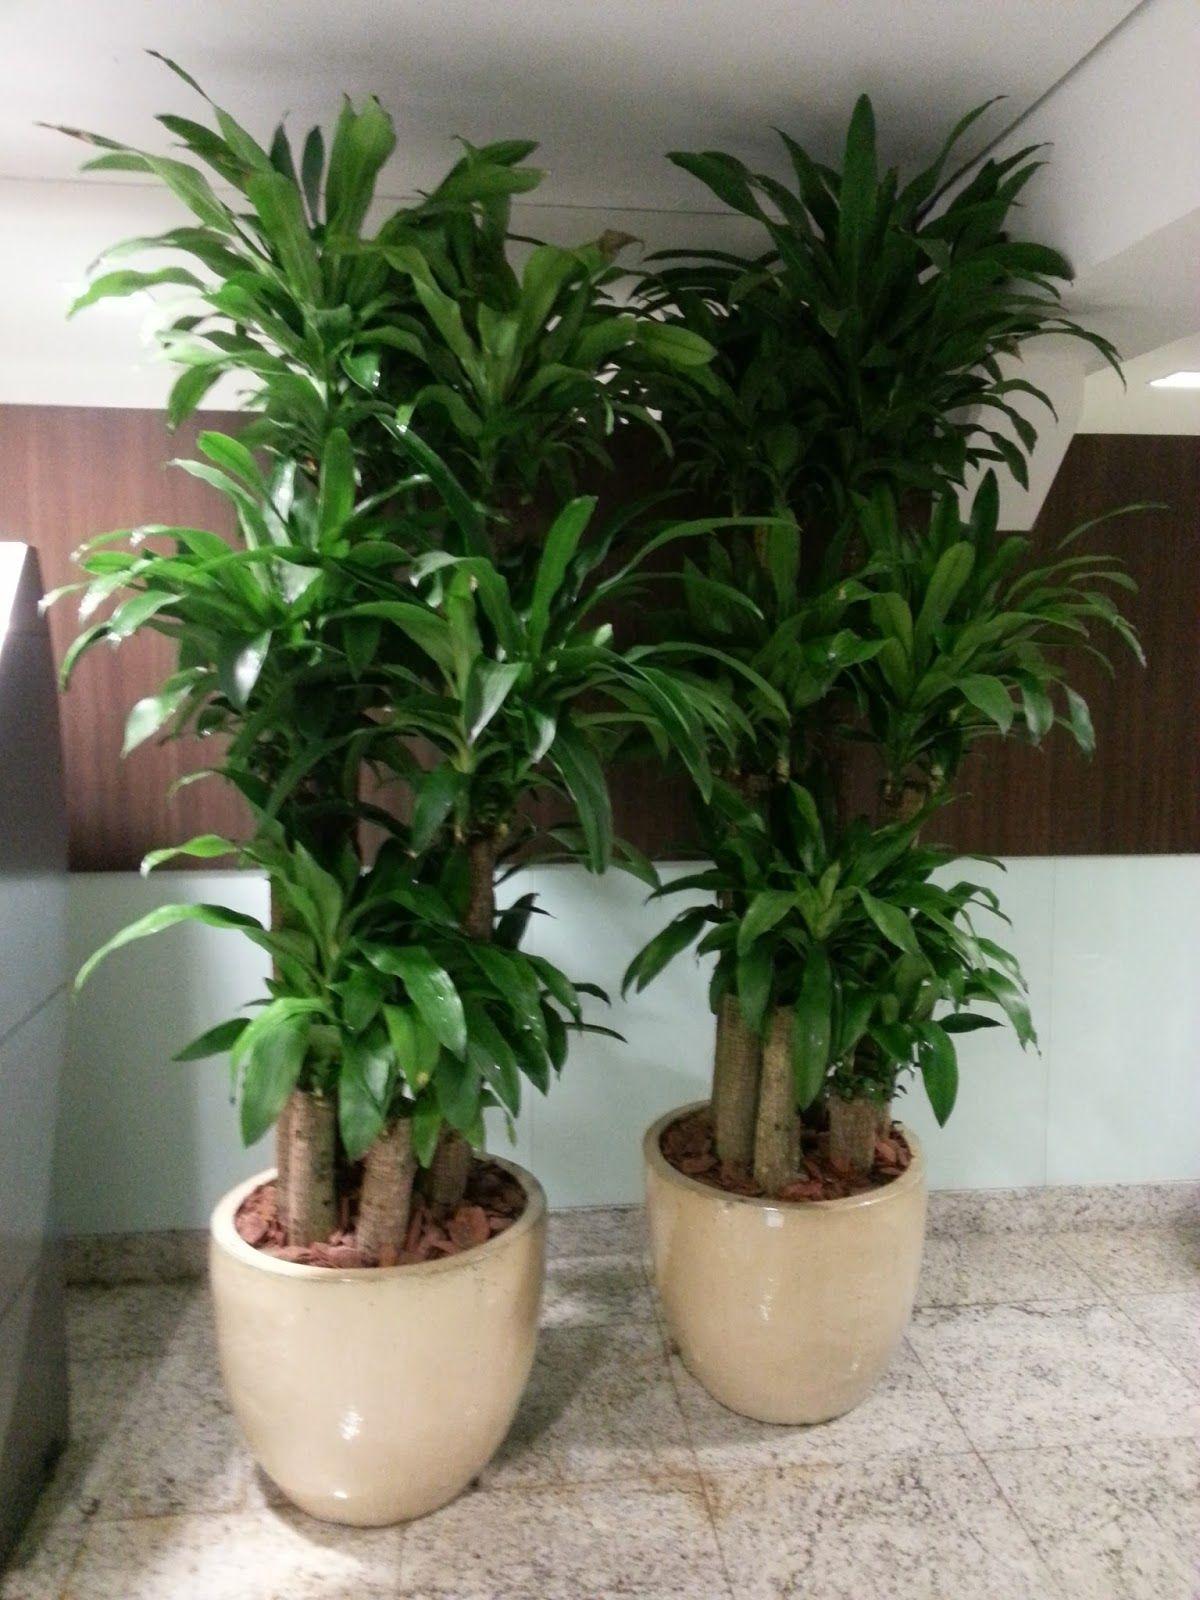 Mercado procura melhor padr o de plantas para interior na - Plantas d interior ...